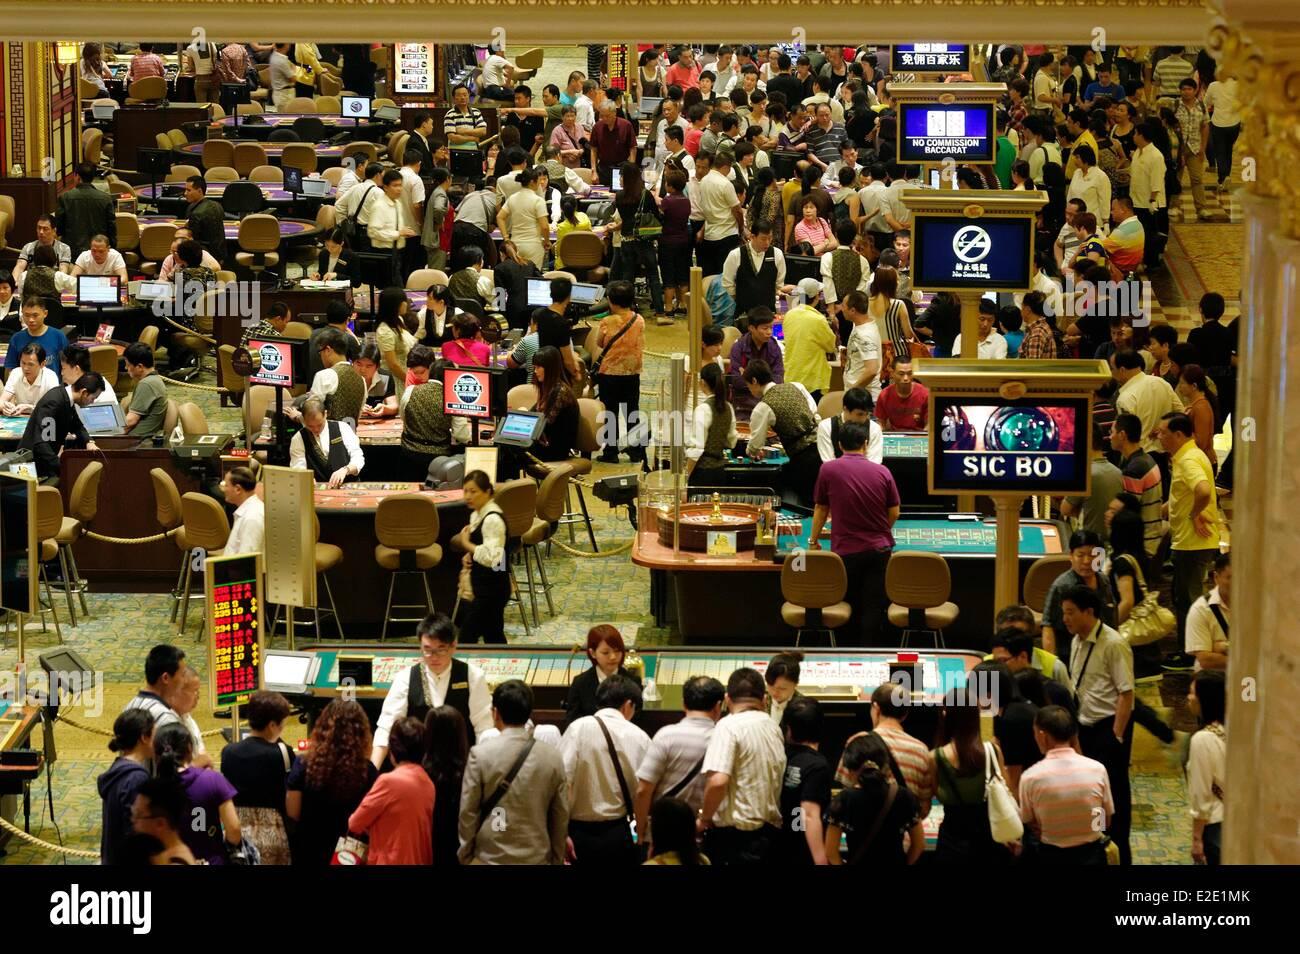 Venitien casino stock ticker riveria hotel & casino